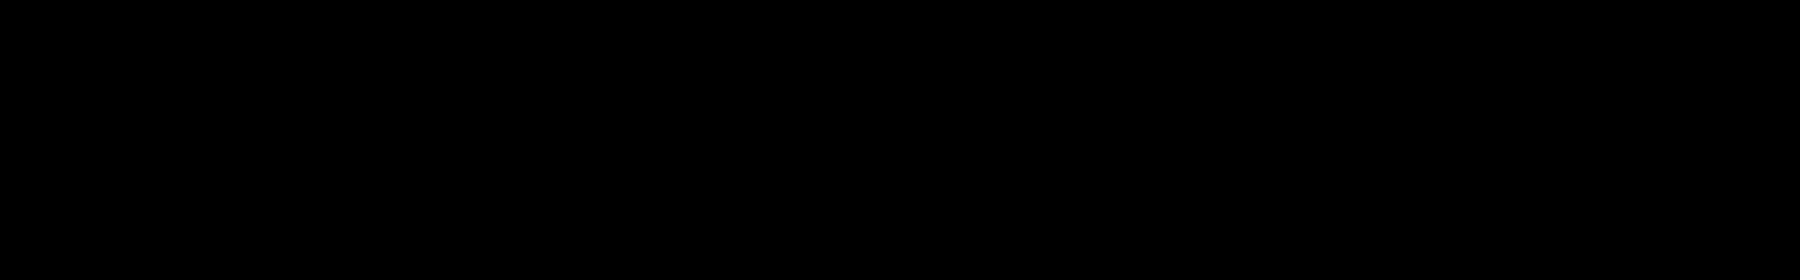 Vertigo audio waveform